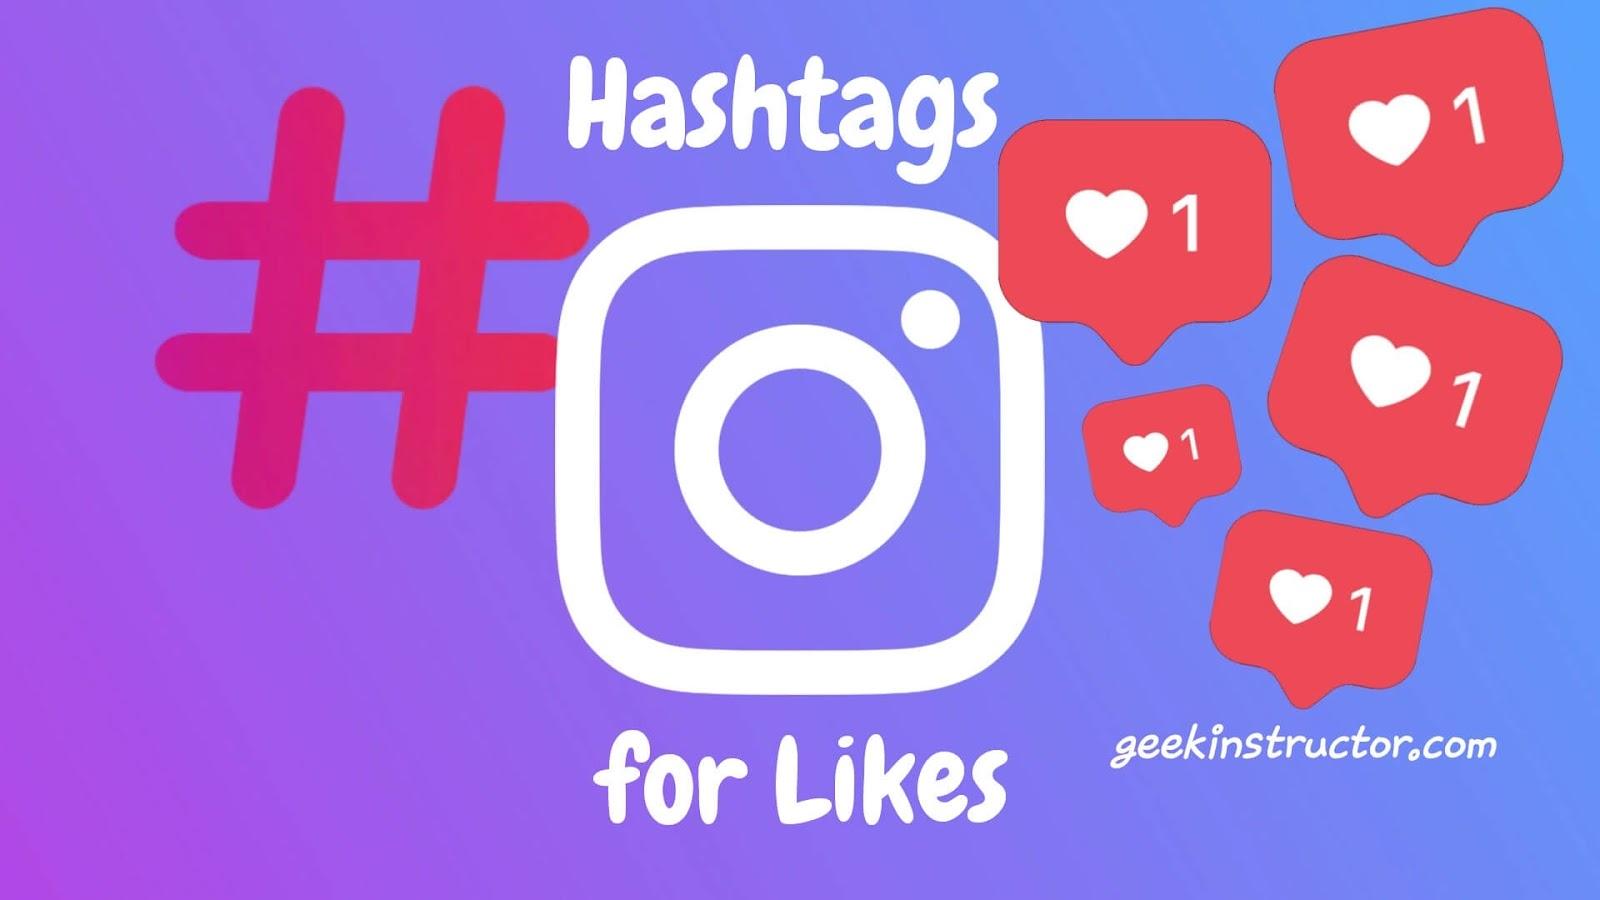 Best trending hashtags for getting more likes on Instagram